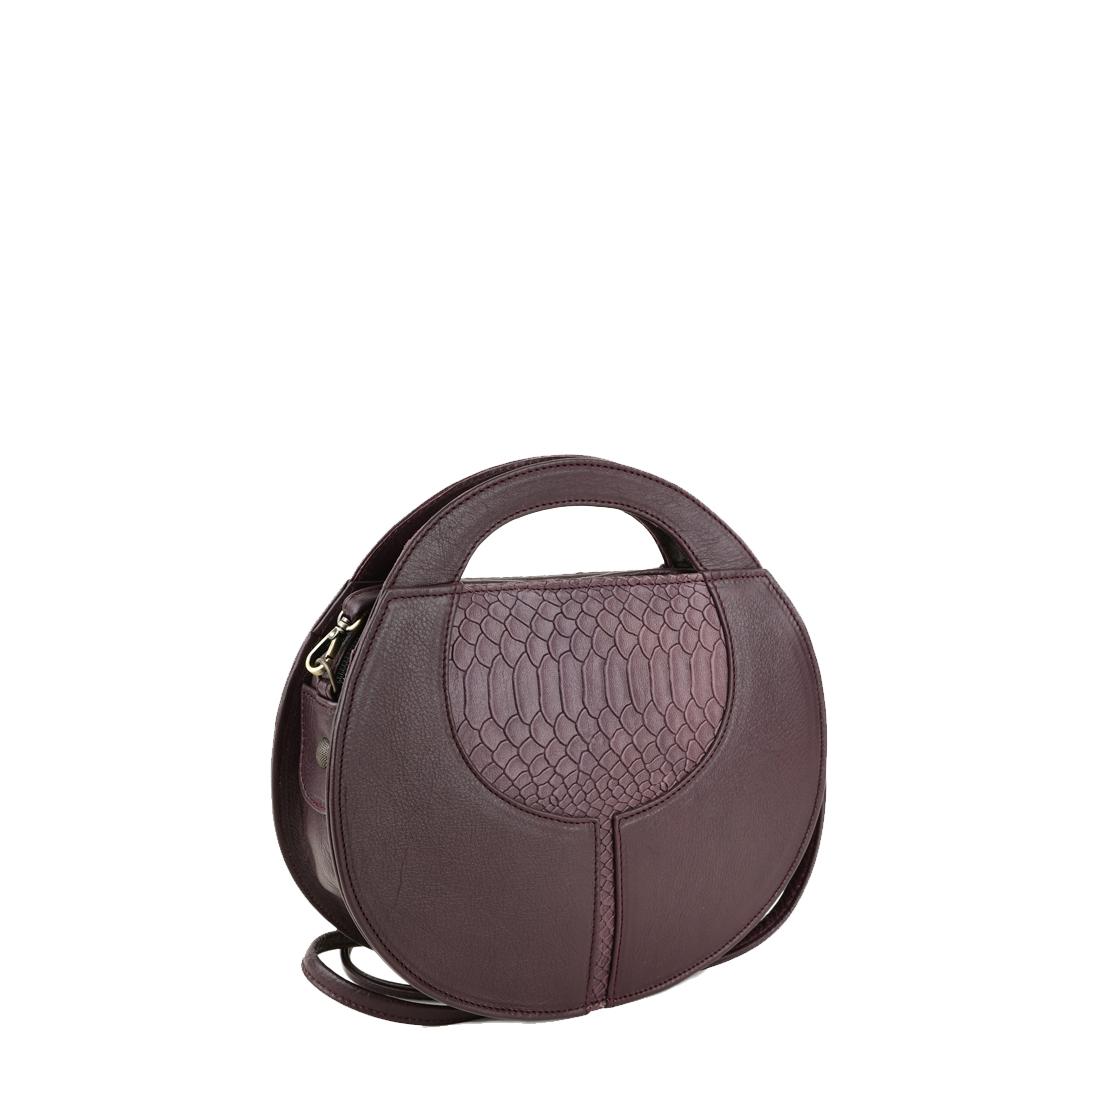 Olivia Plum Leather Shoulder Bag